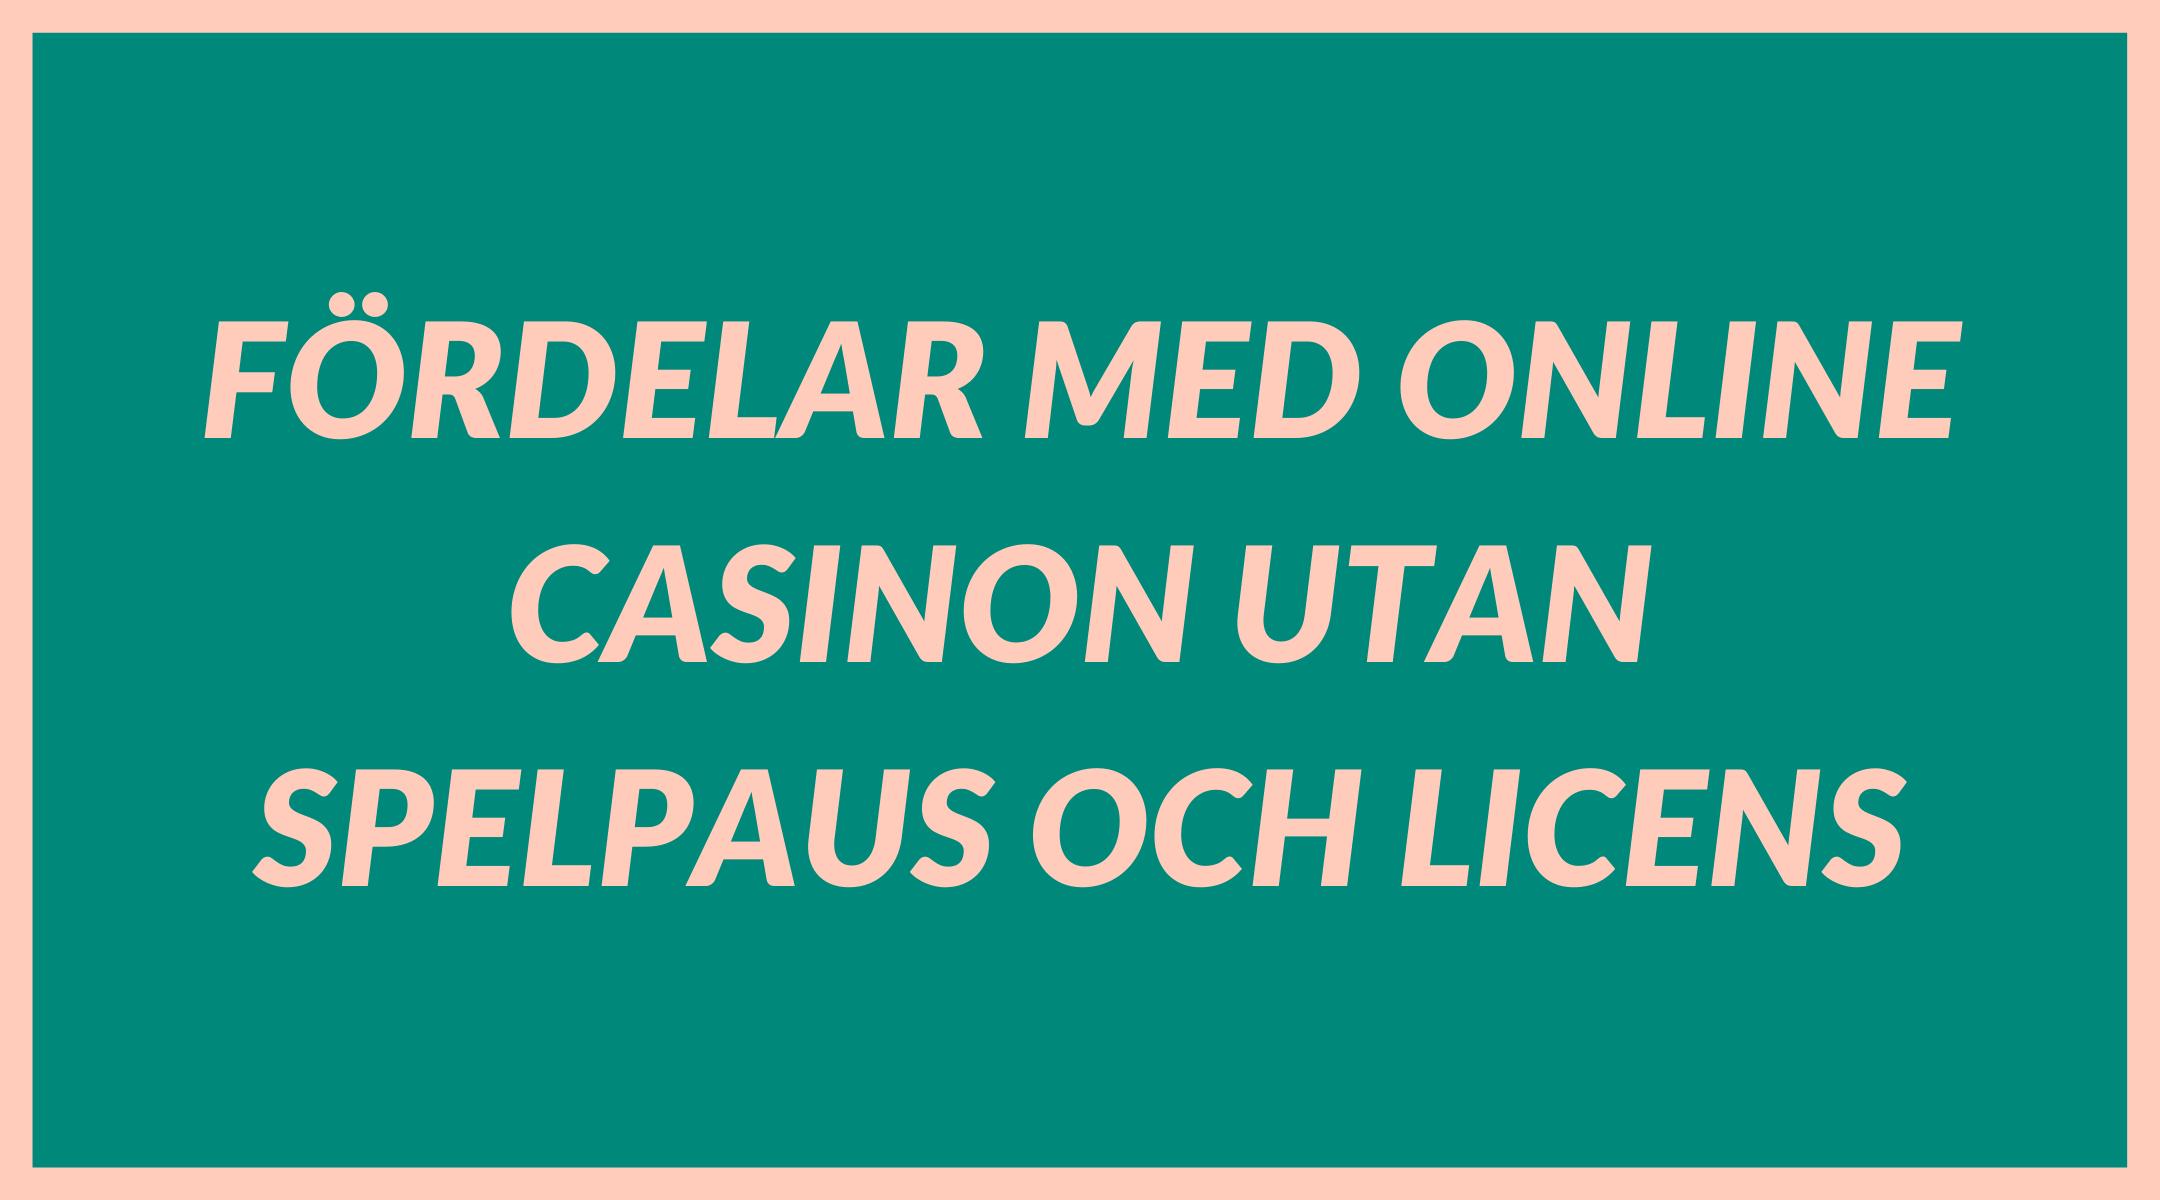 Fördelar med online casinon utan spelpaus och licens